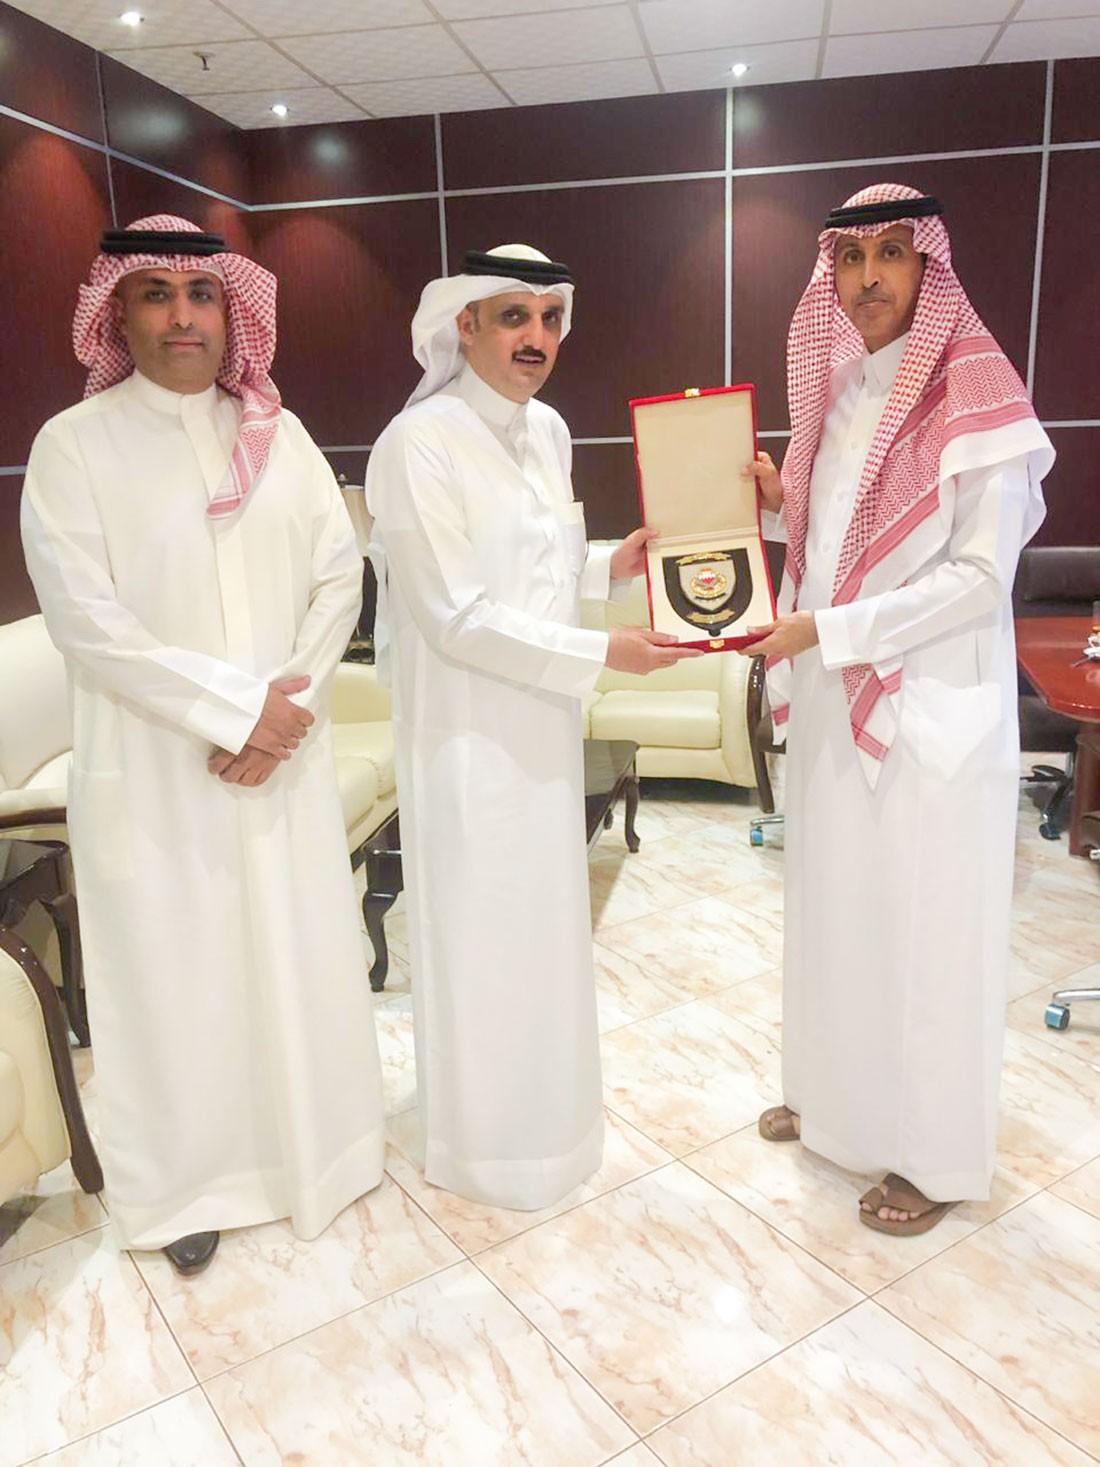 مدير عام الإدارة العامة لمكافحة الفساد والأمن الاقتصادي والإلكتروني يقوم بزيارة إلى شعبة اتصال الرياض